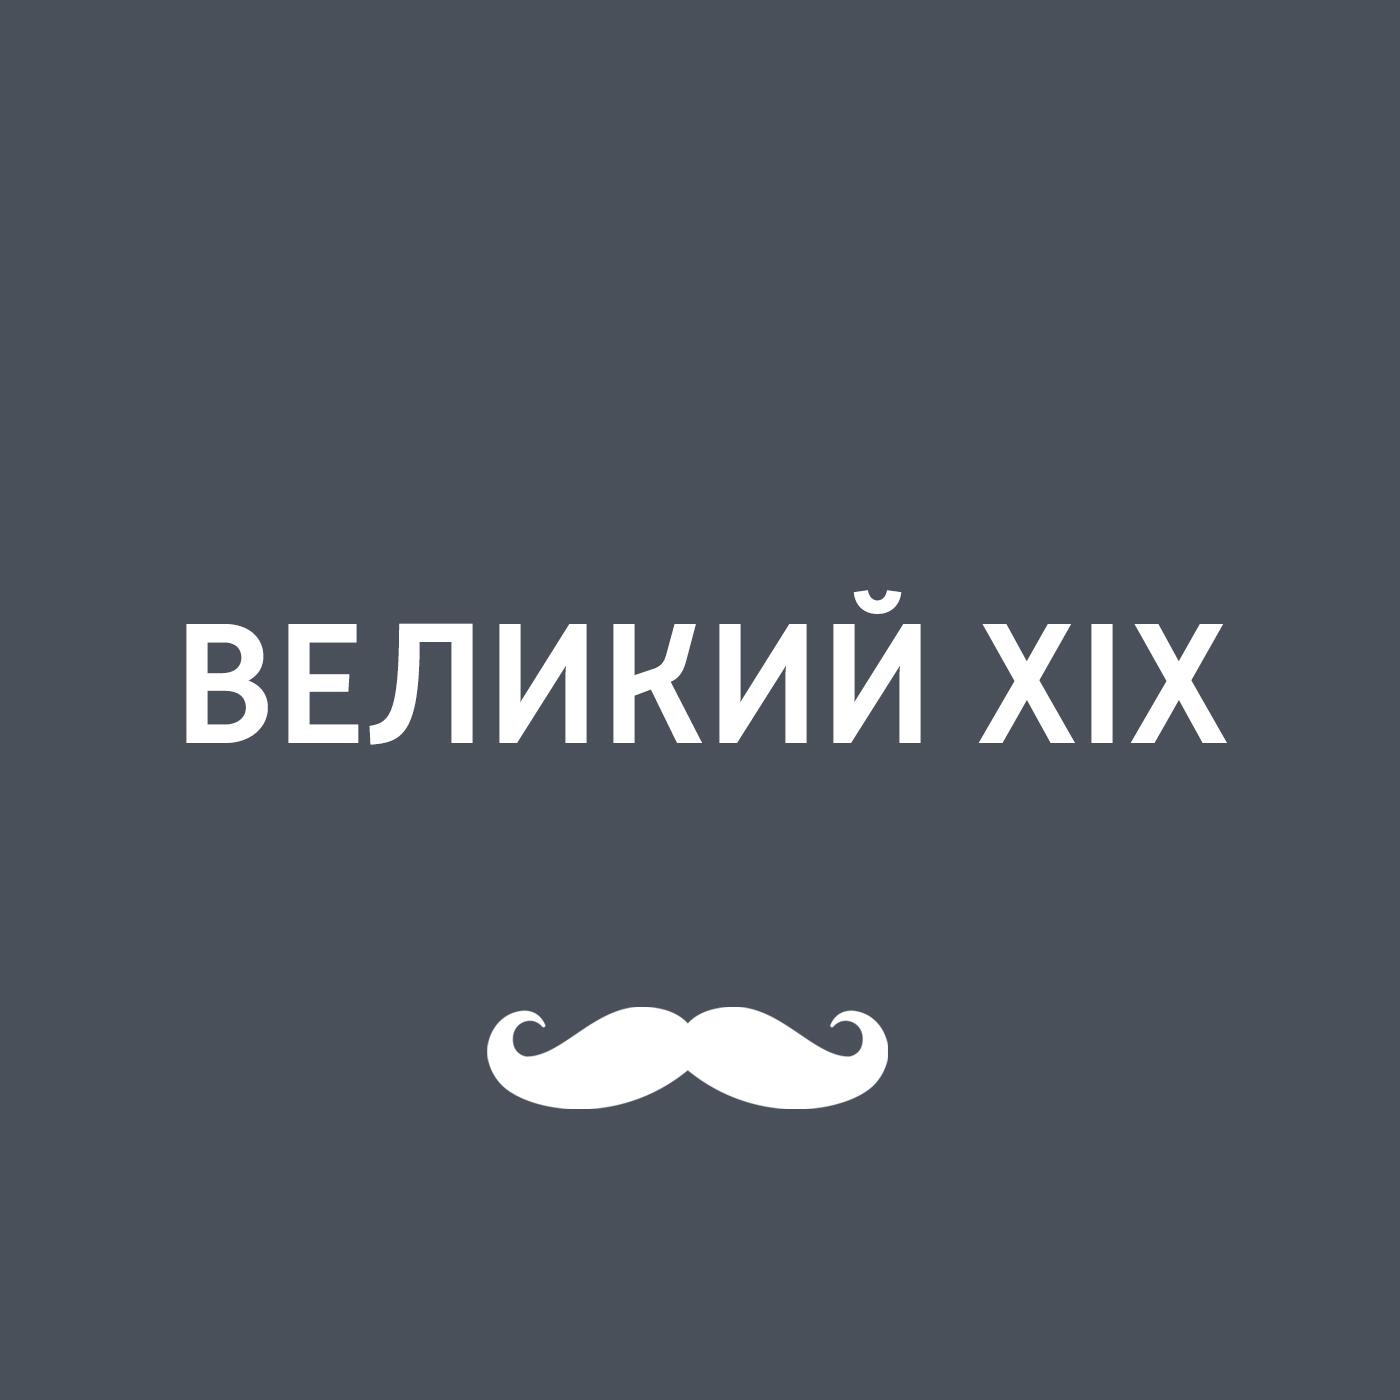 Великий XIX. Гастрономические традиции в XIX веке